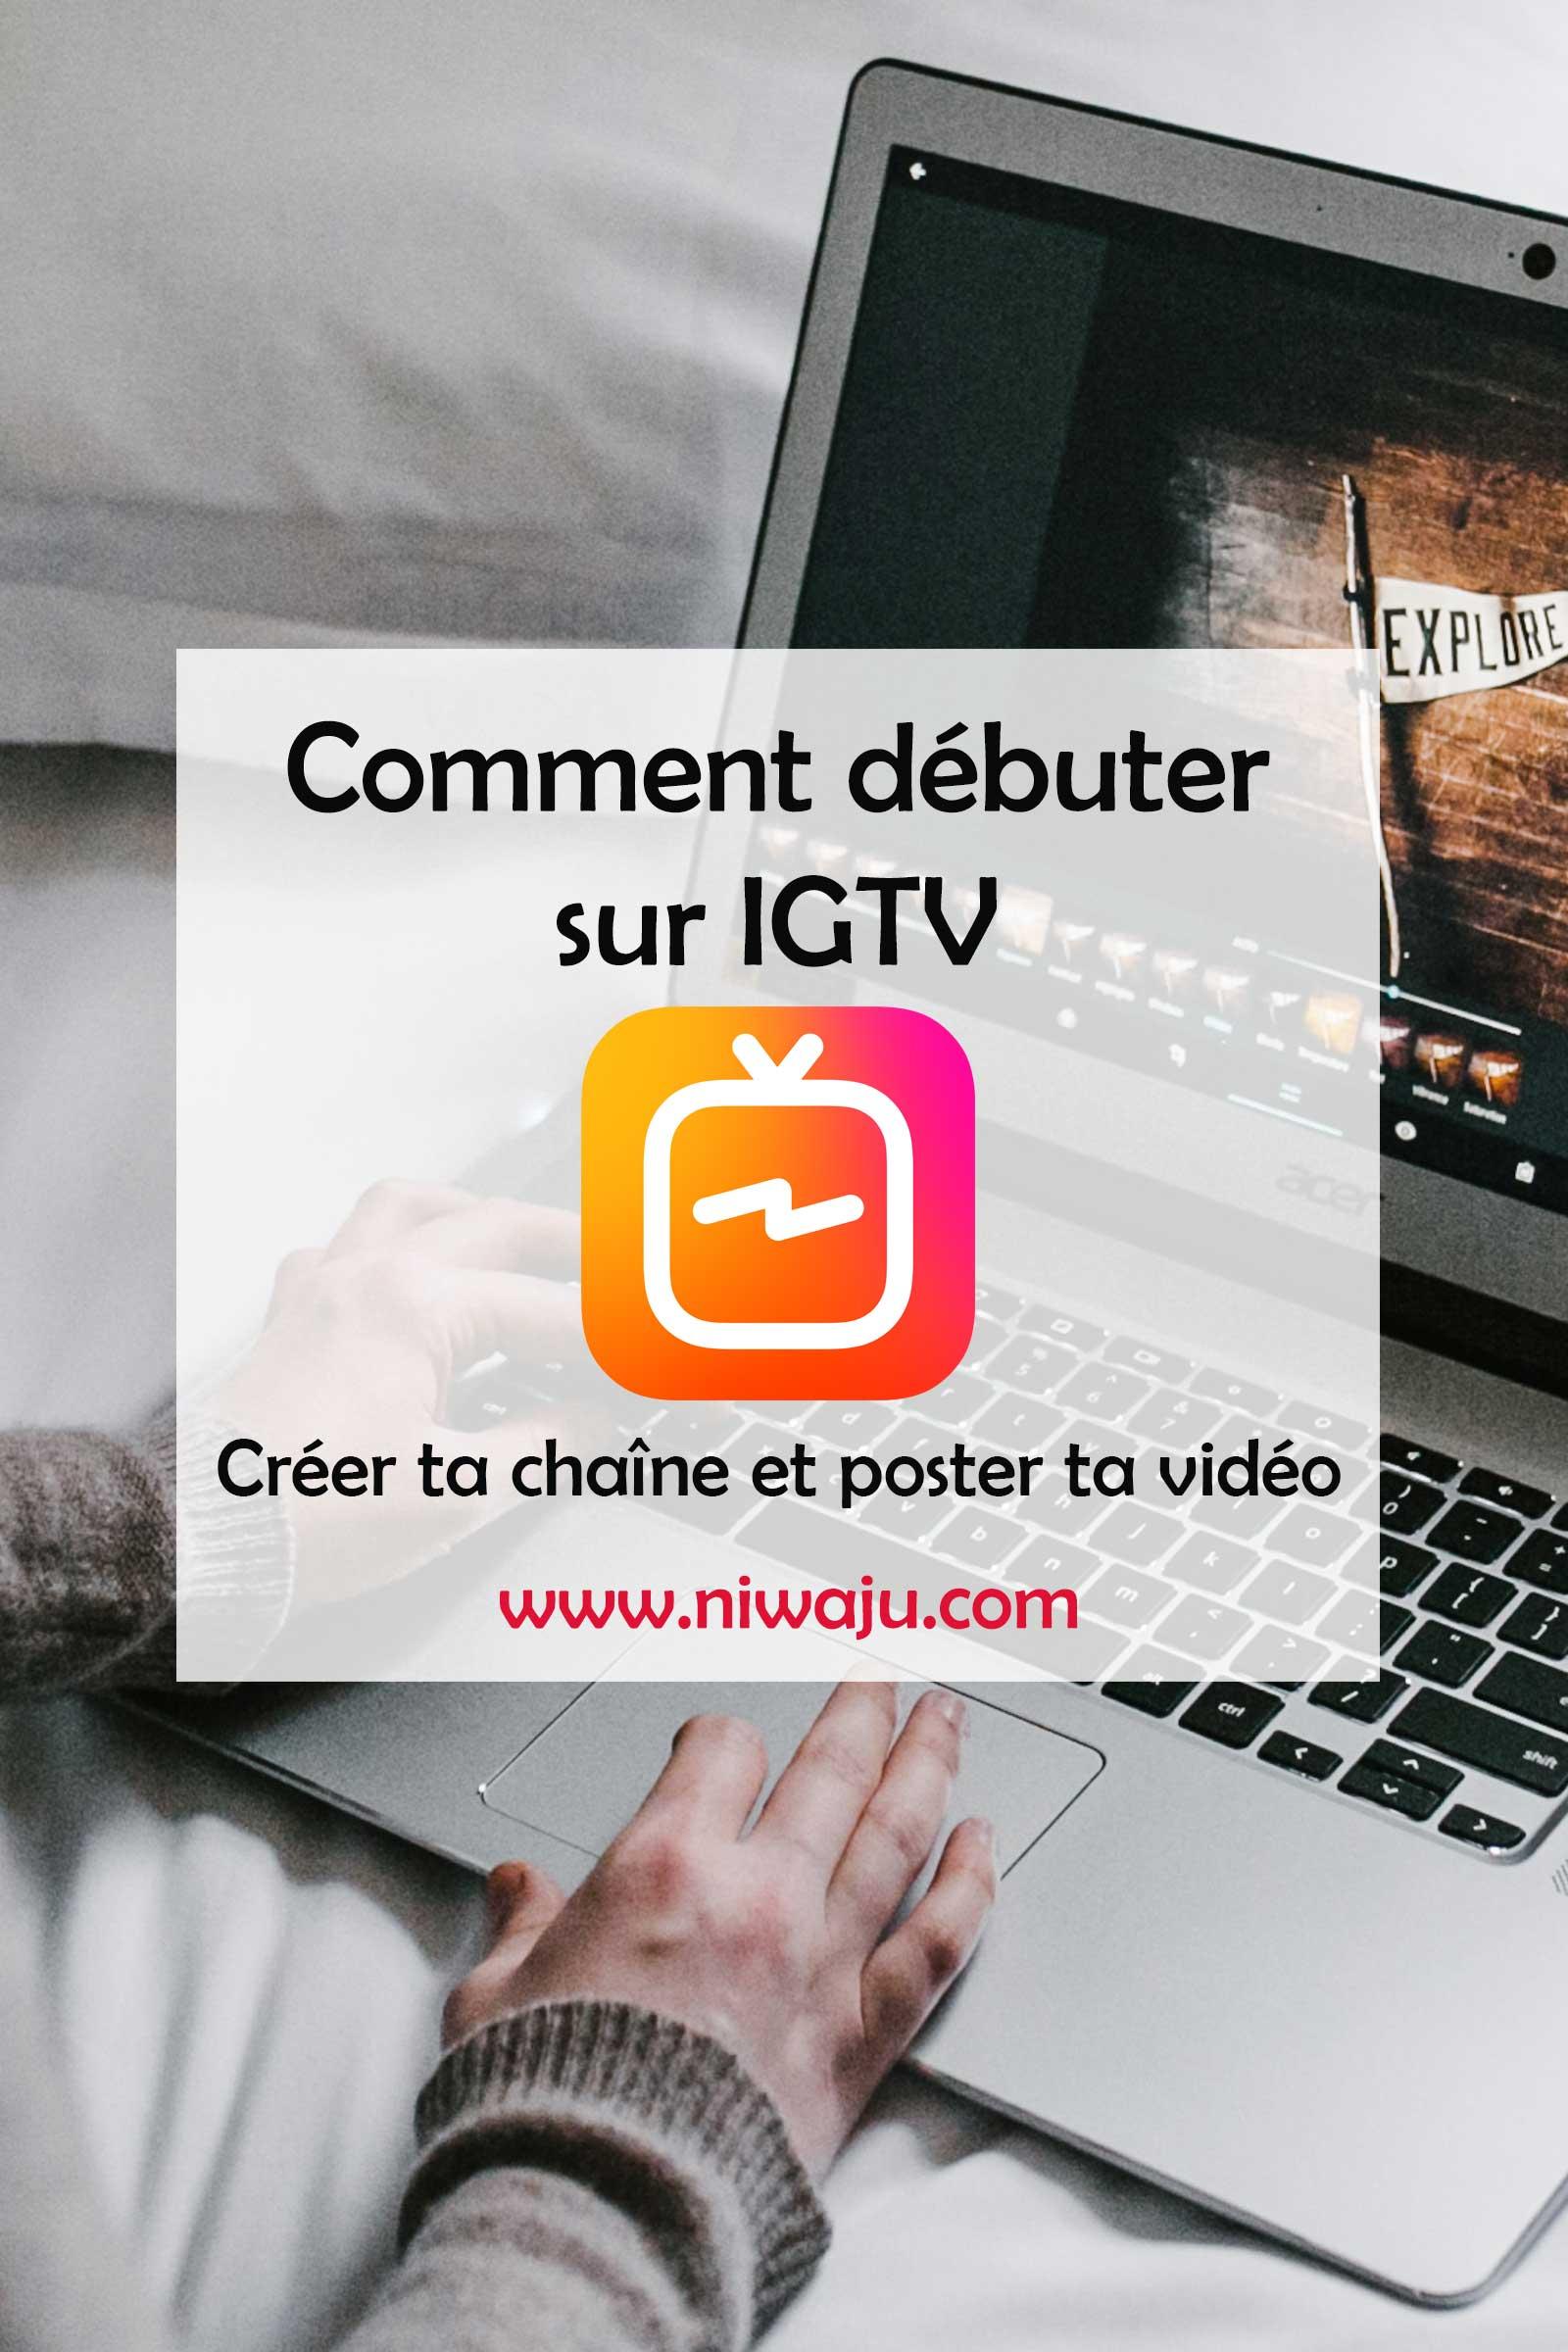 Comment débuter sur IGTV, la plateforme vidéos d'Instagram?